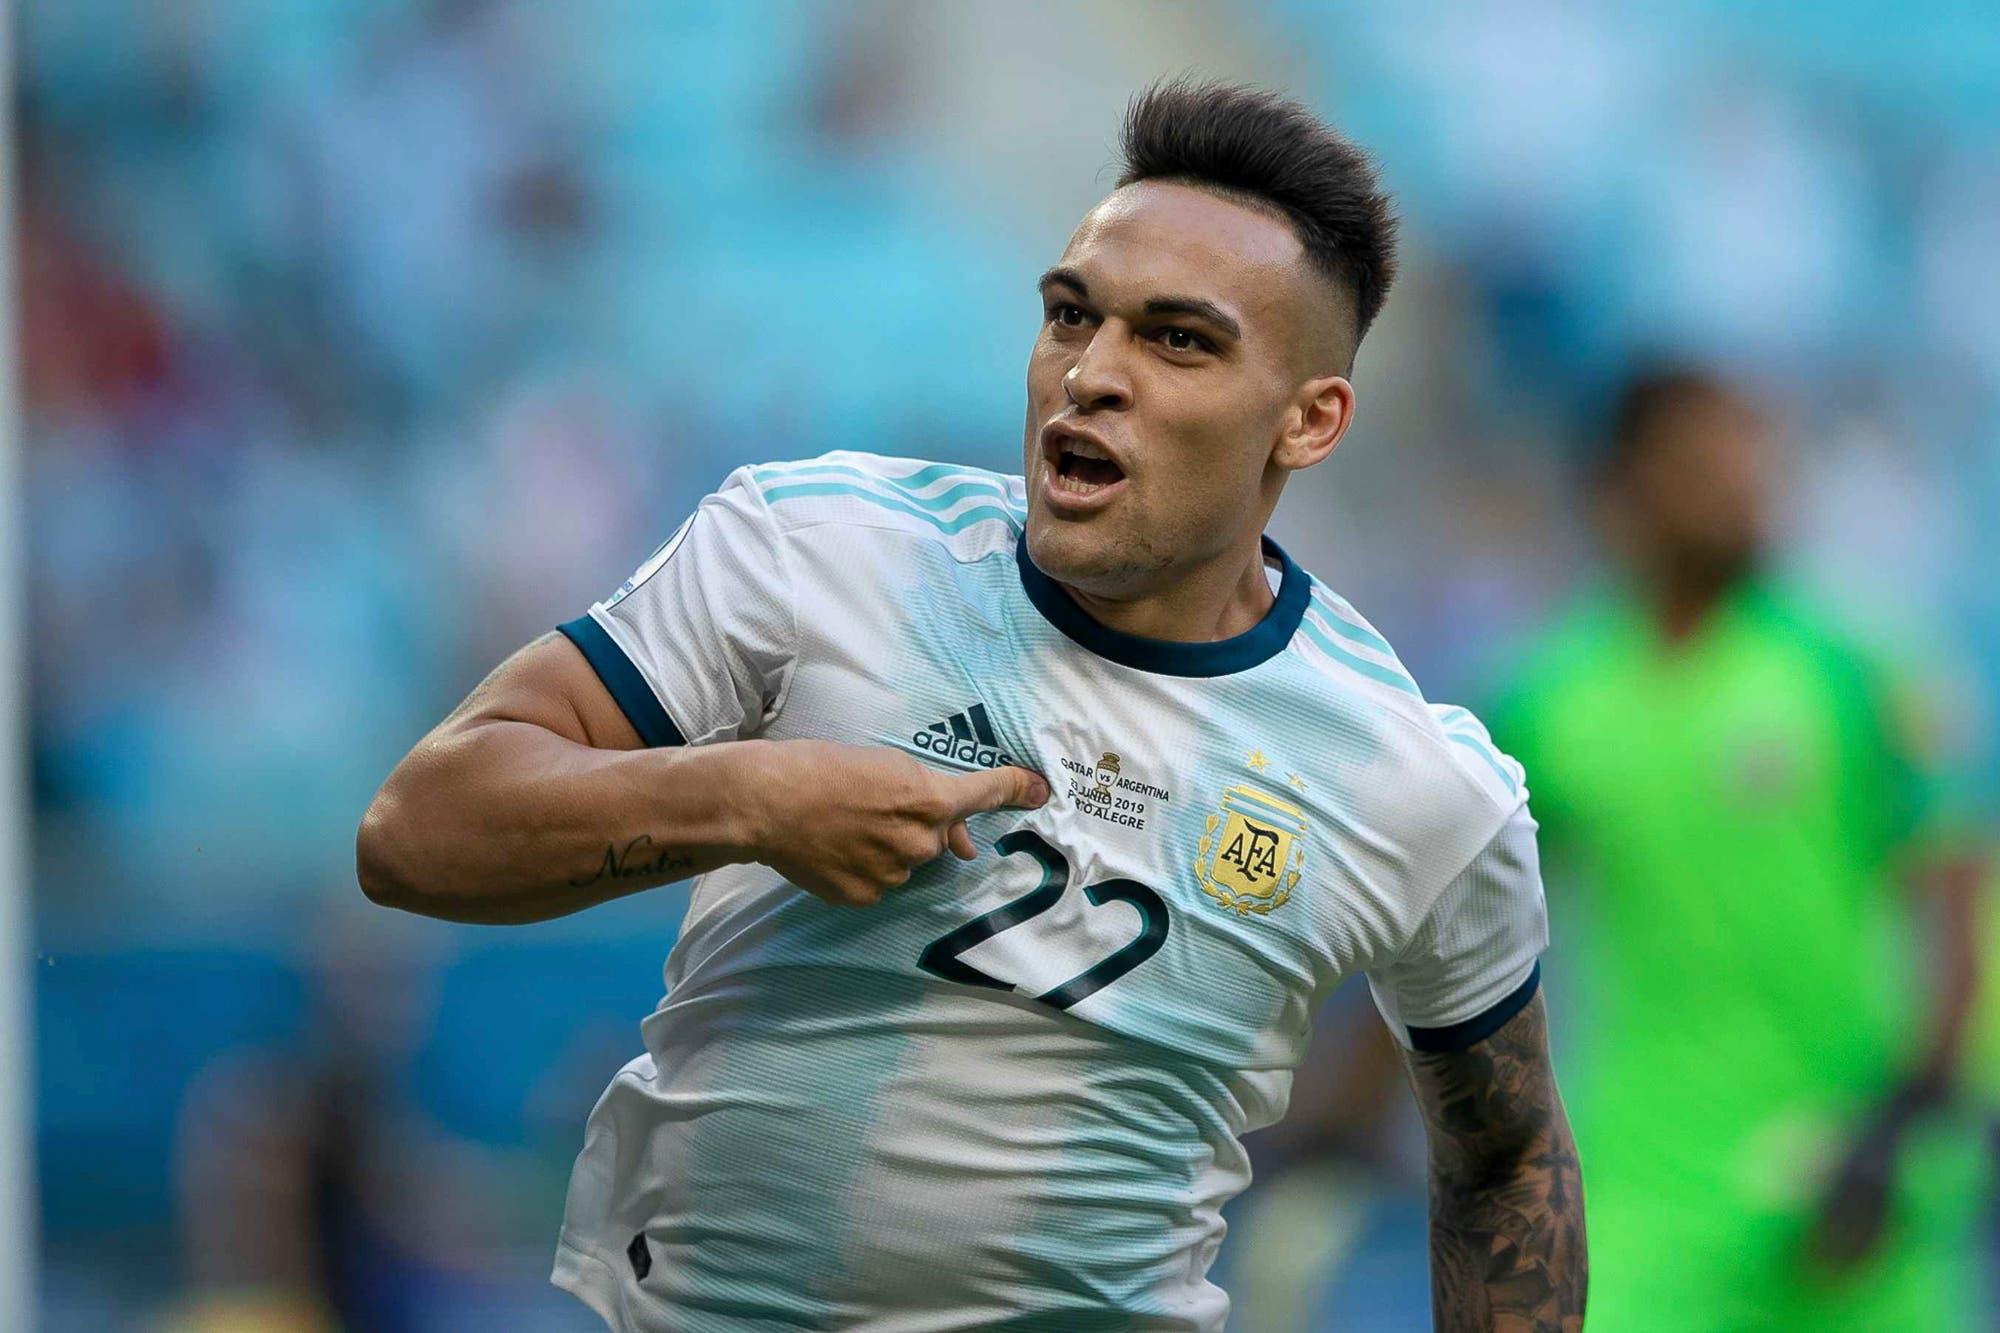 Reemplazo para Luis Suárez. Barcelona busca delantero y la lupa está puesta sobre un artillero argentino